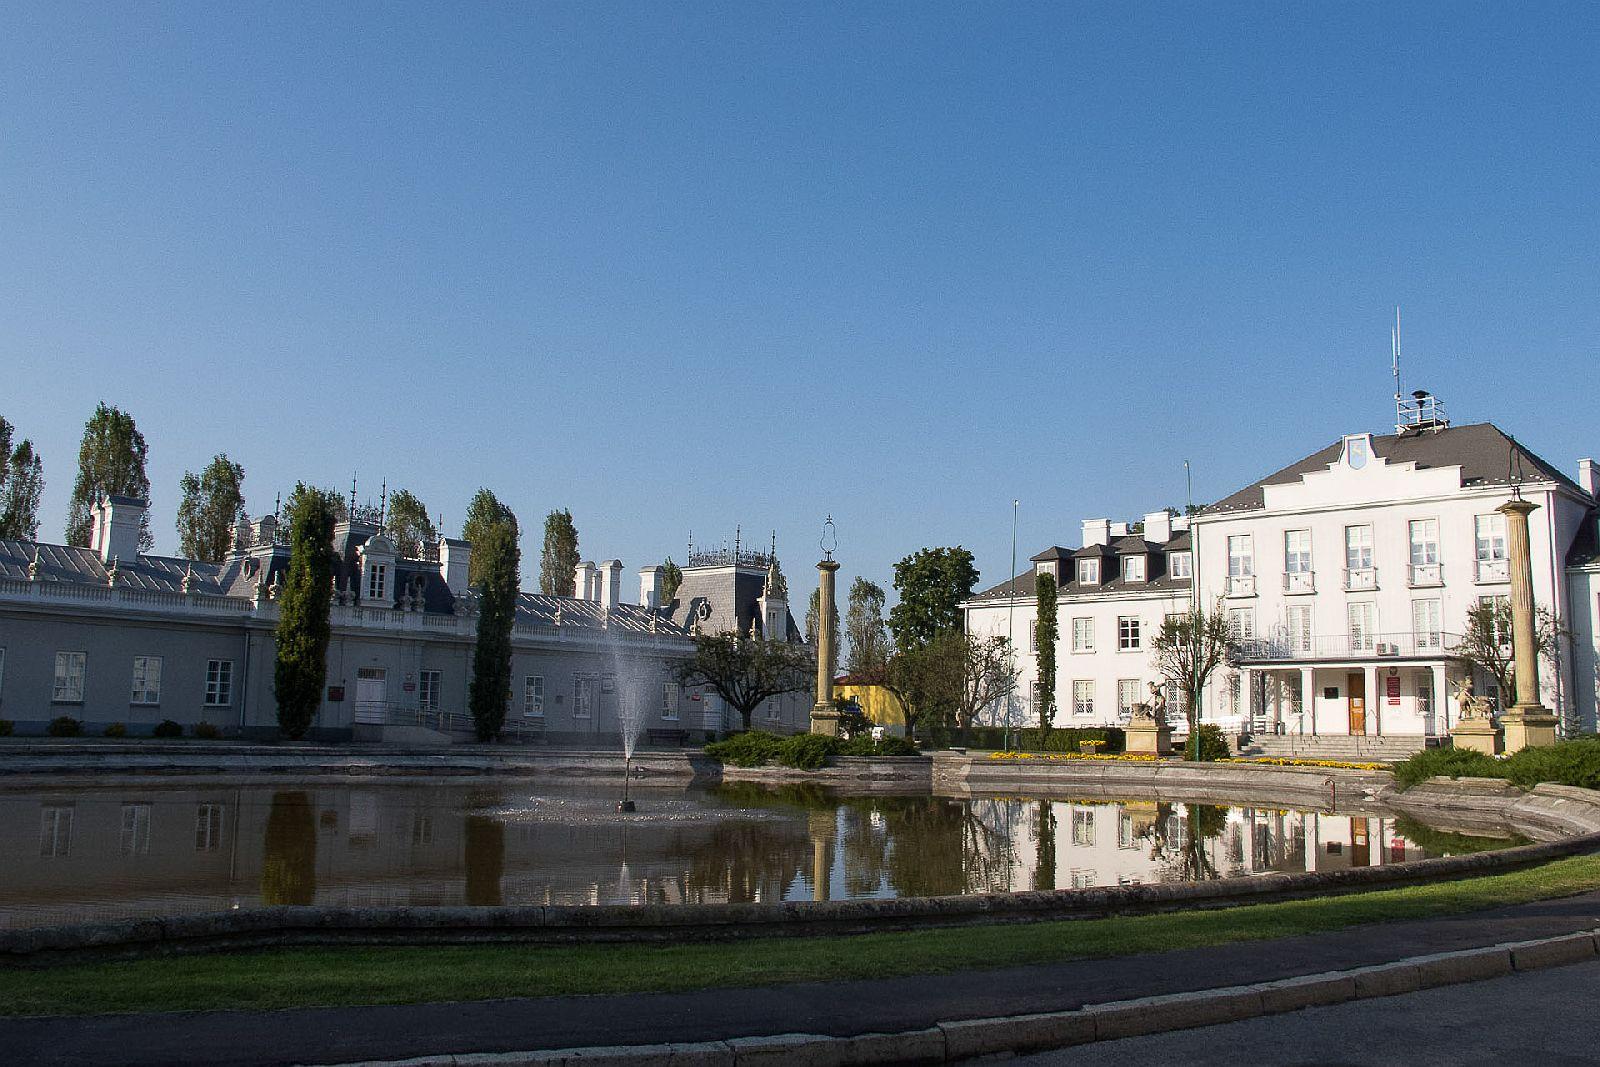 Zespół Pałacowo Parkowy Szlaki Turystyczne Mazowsza